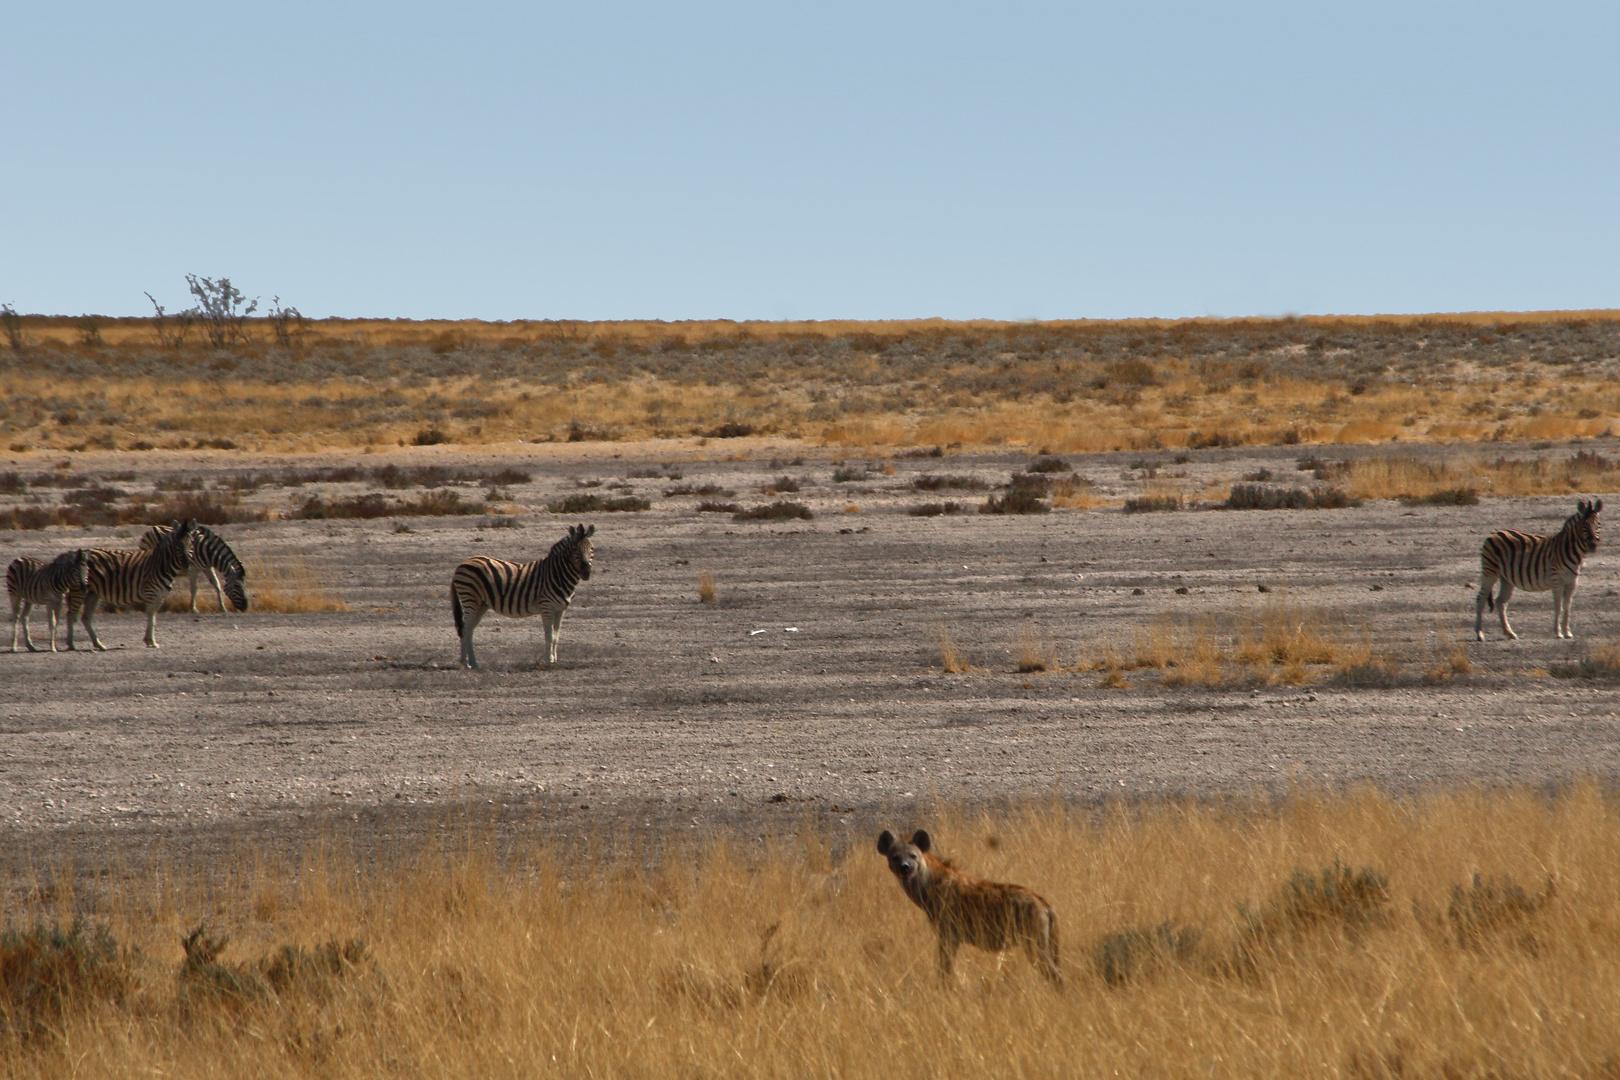 Hyäne im Etosha-Nationalpark